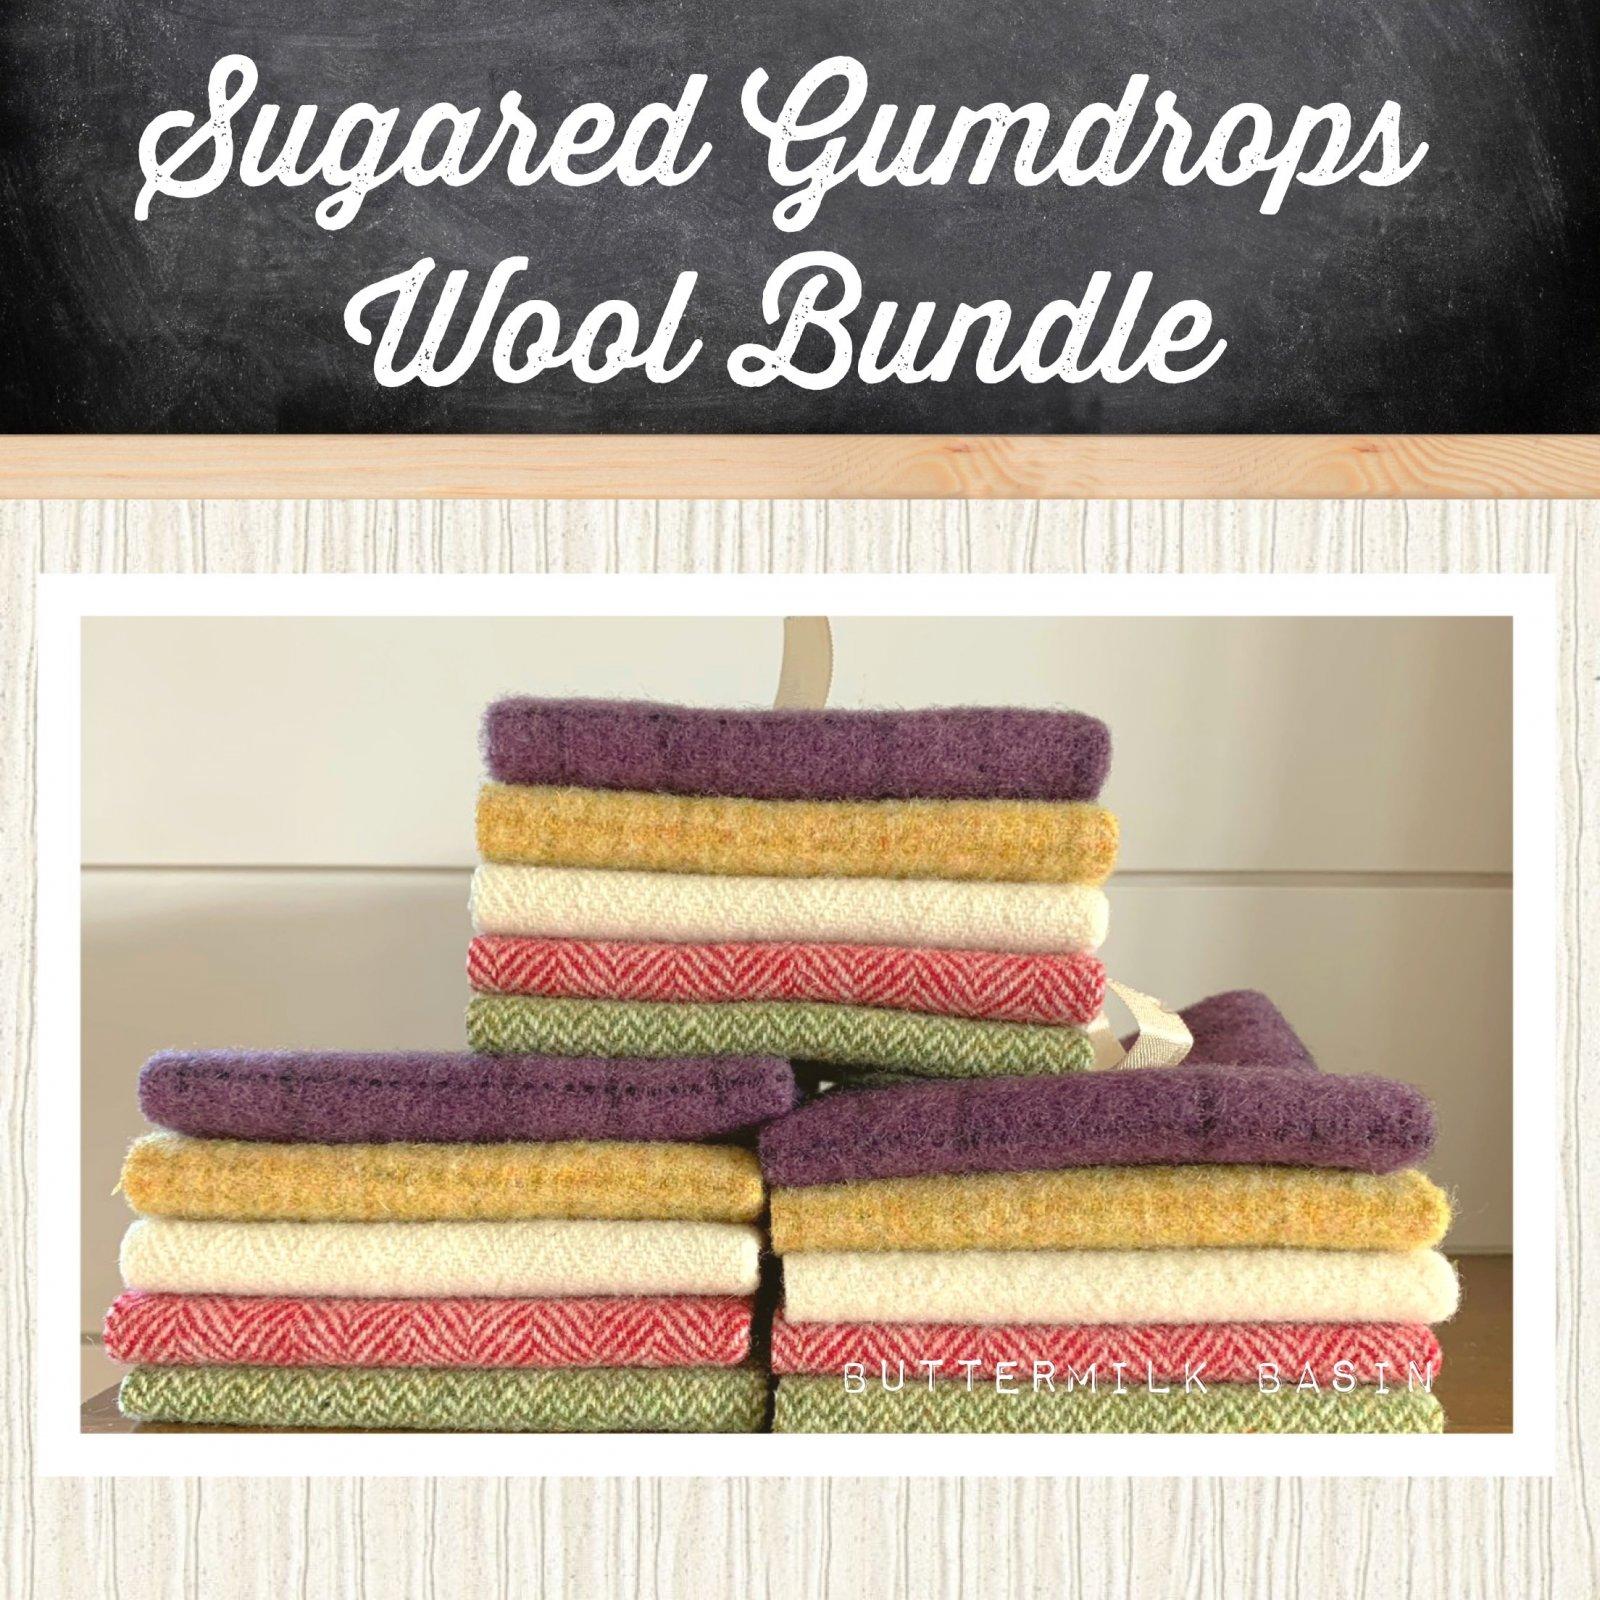 Sugared Gumdrops Wool Bundle